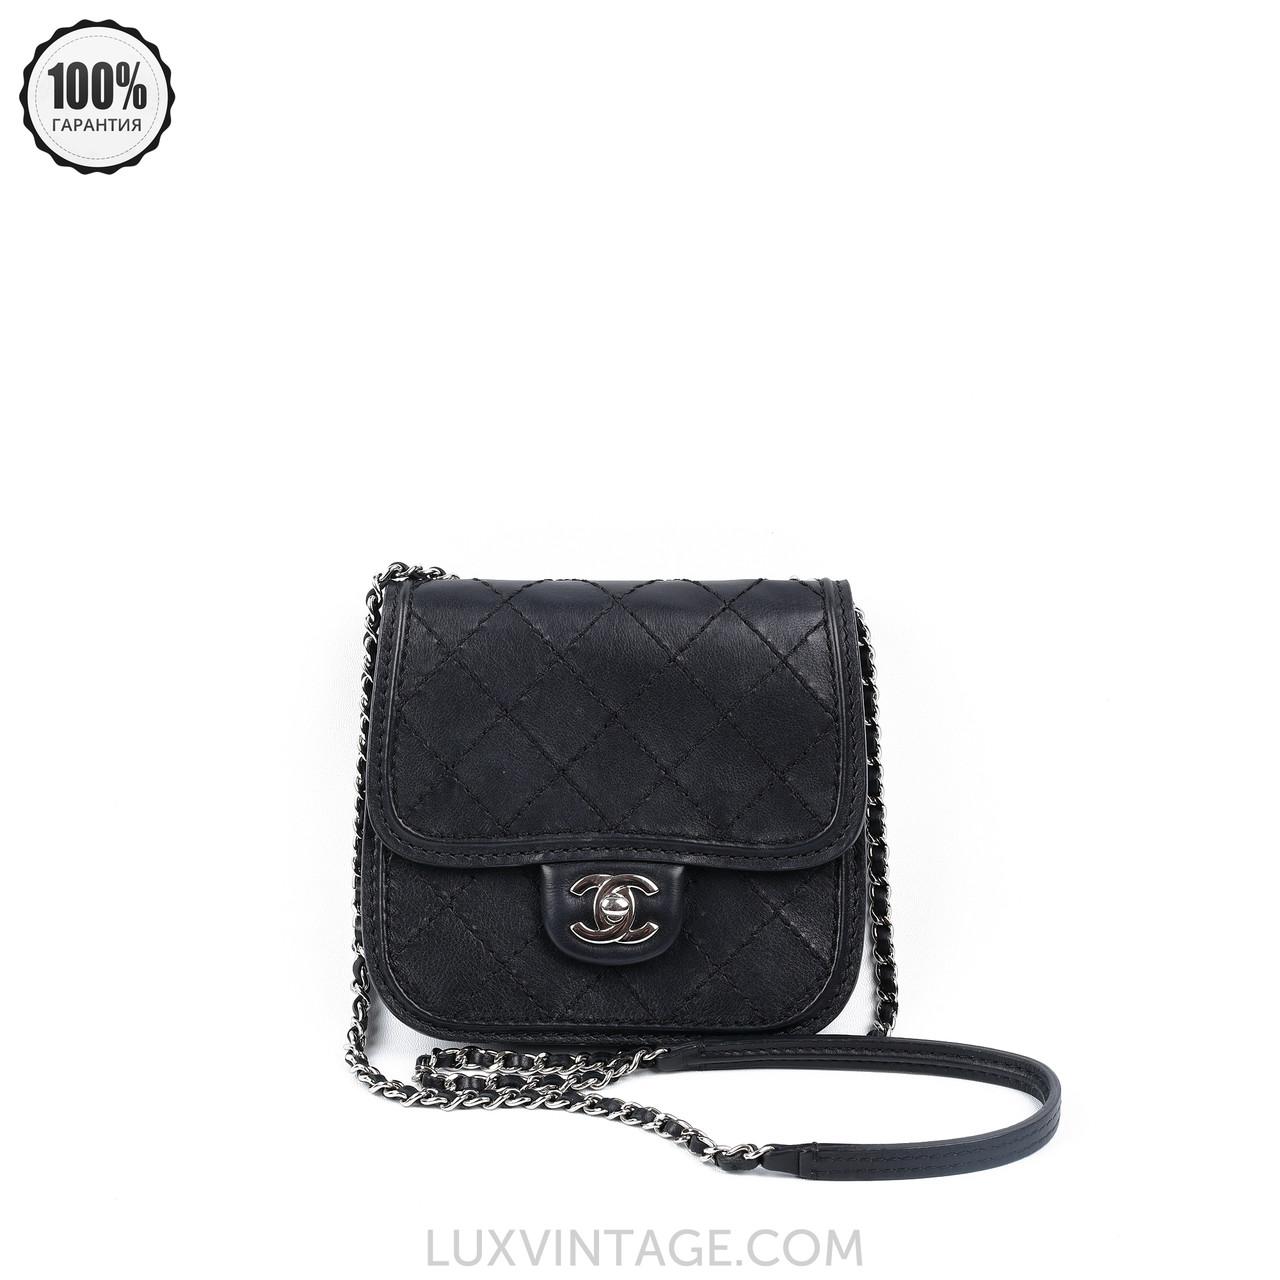 7aa92fbcaa3a ОРИГИНАЛ! Сумка Chanel: продажа, цена в Одессе. женские сумочки и ...